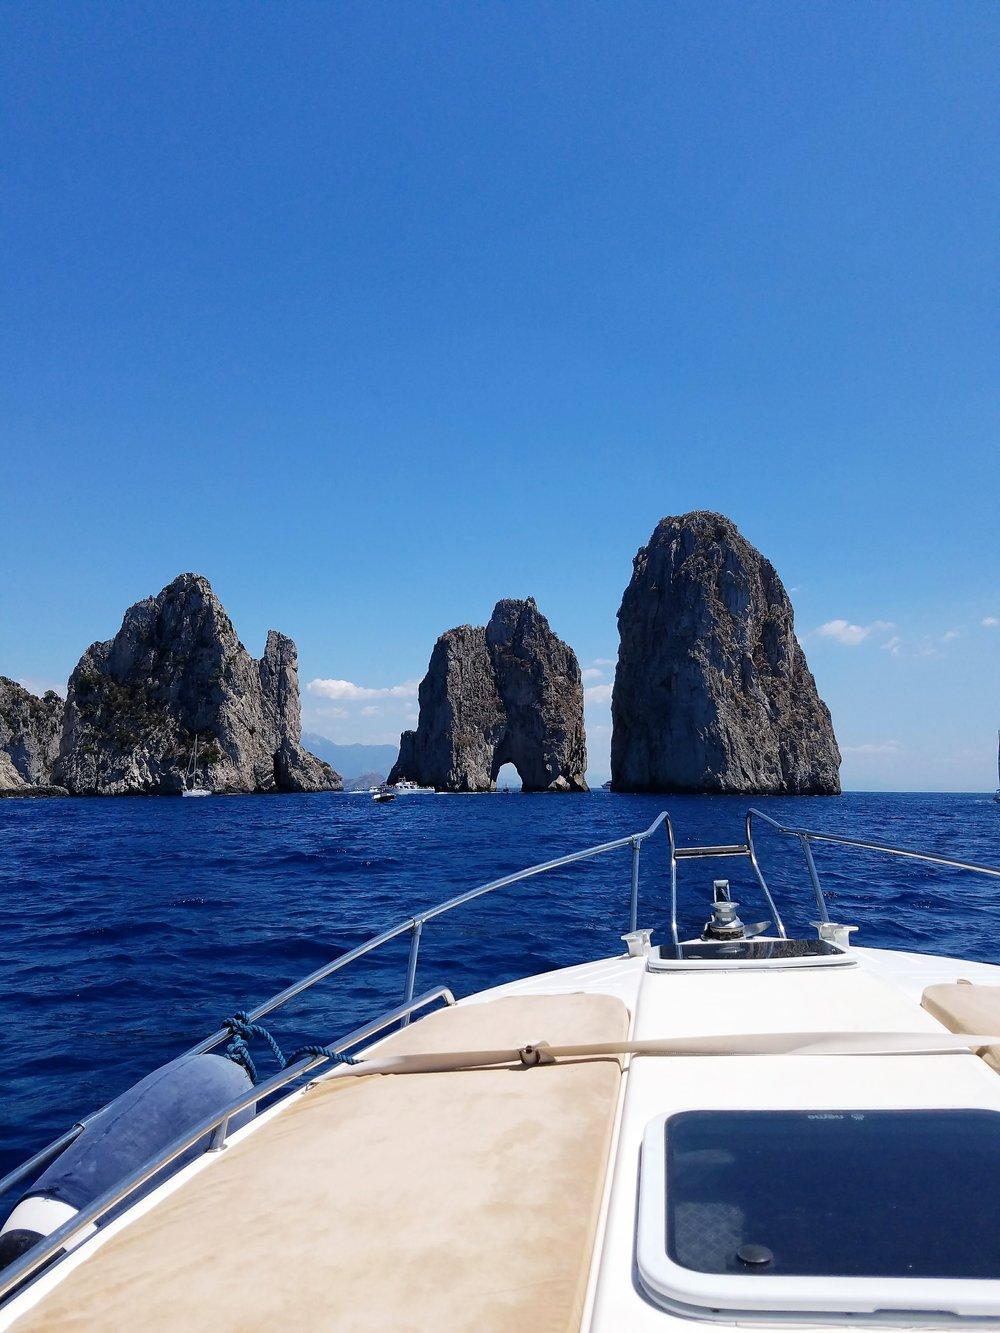 Capri by boat.jpg